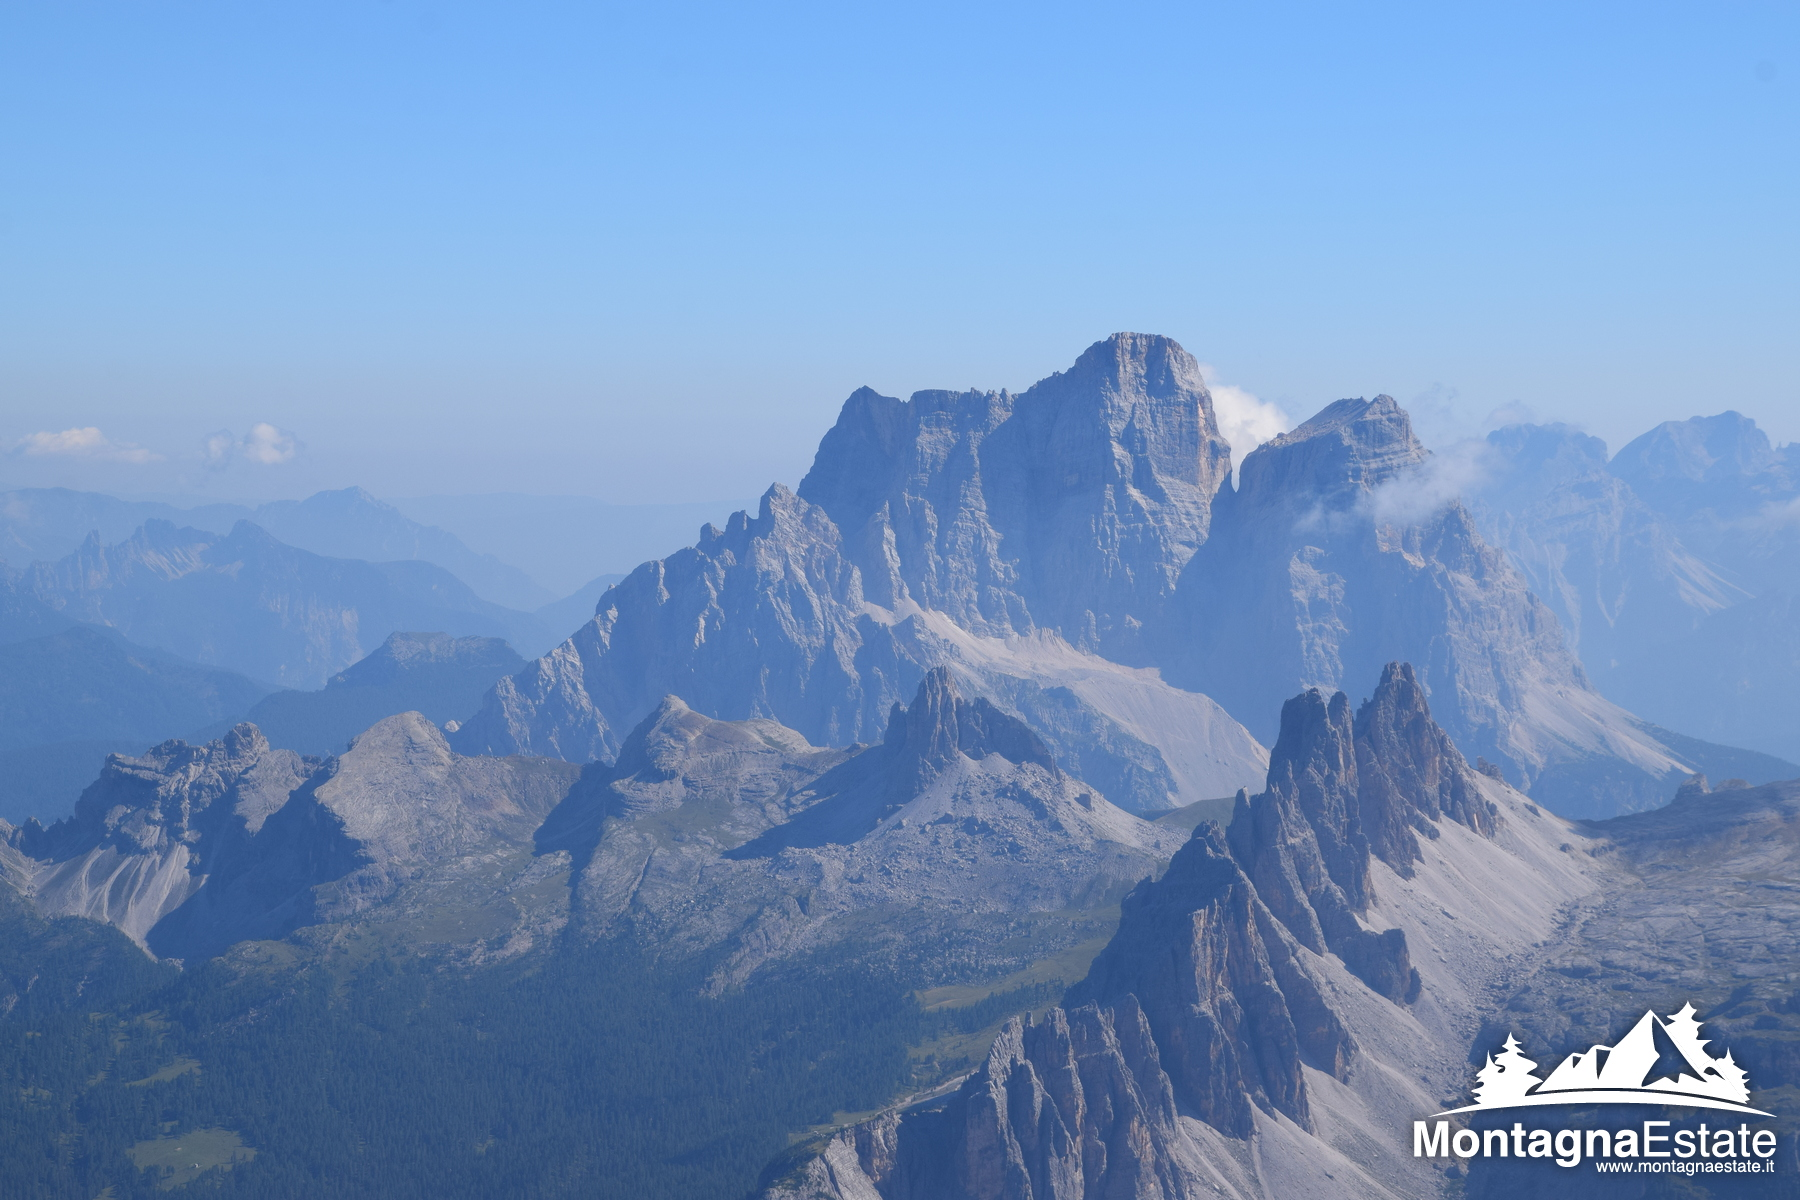 Offerta Vacanza Luglio sulle Dolomiti, pacchetto Hotel con Attività Sportive incluse